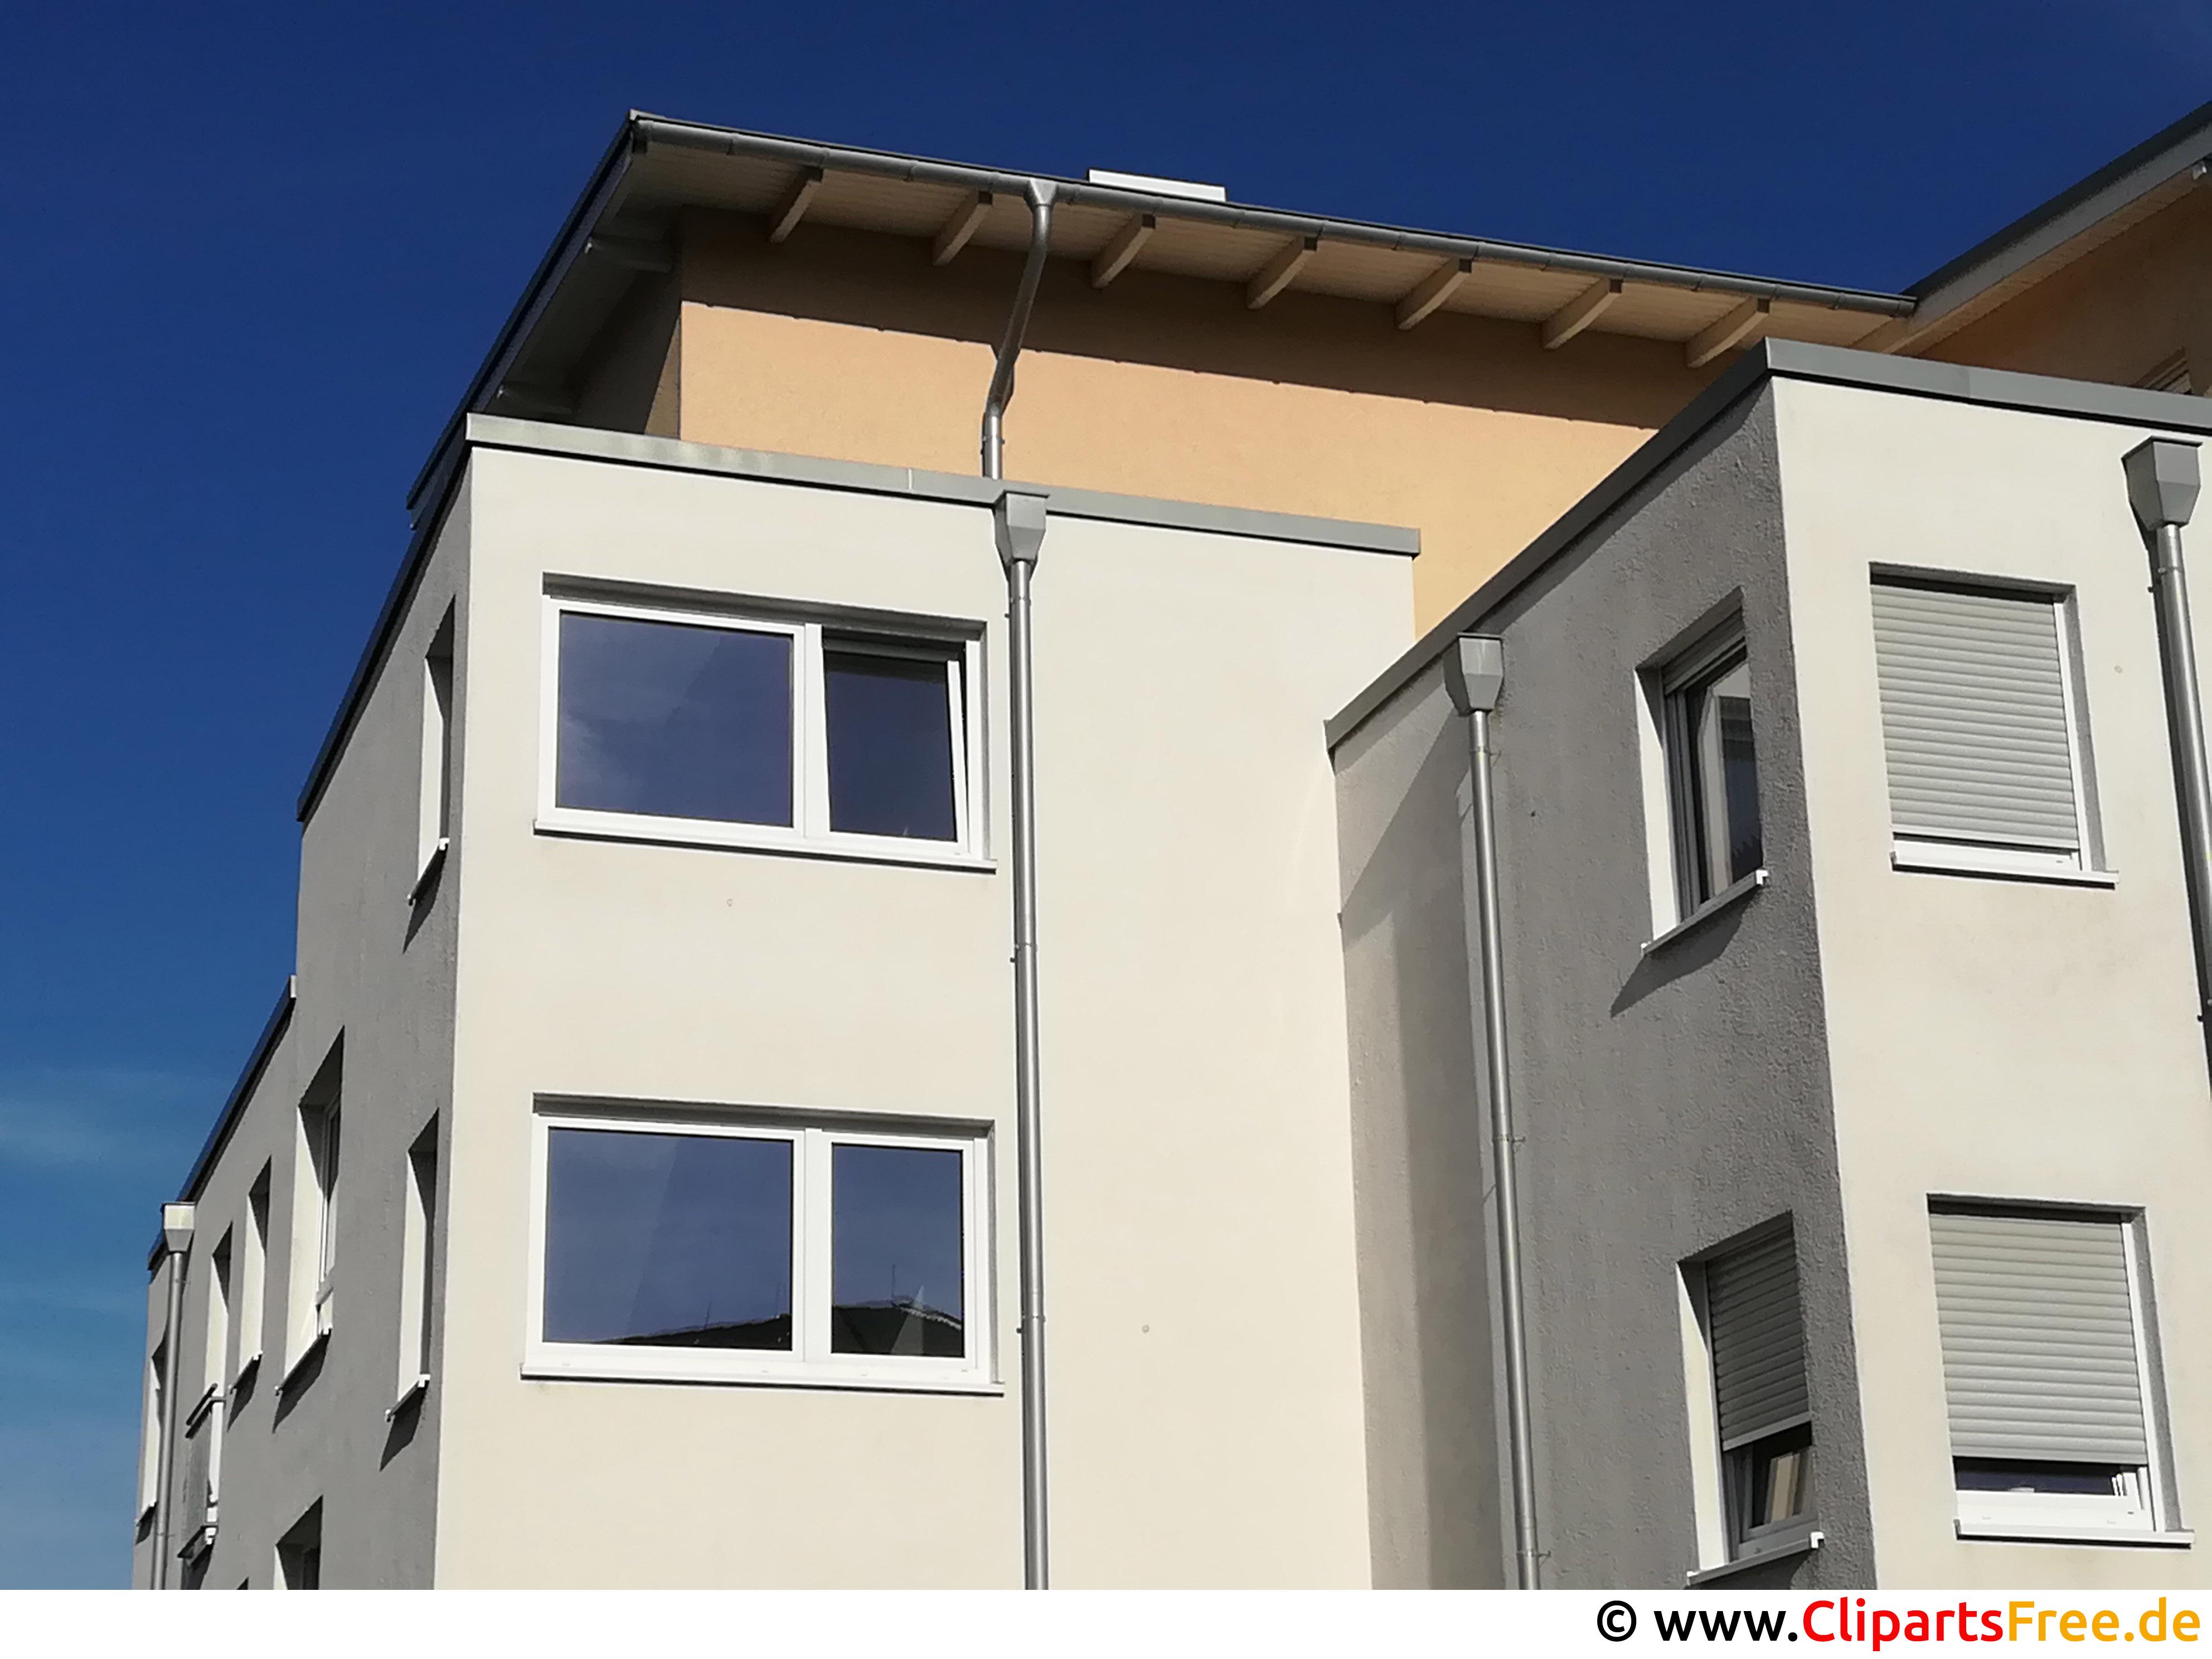 Haus mit mehreren Wohnungen Foto kostenlos